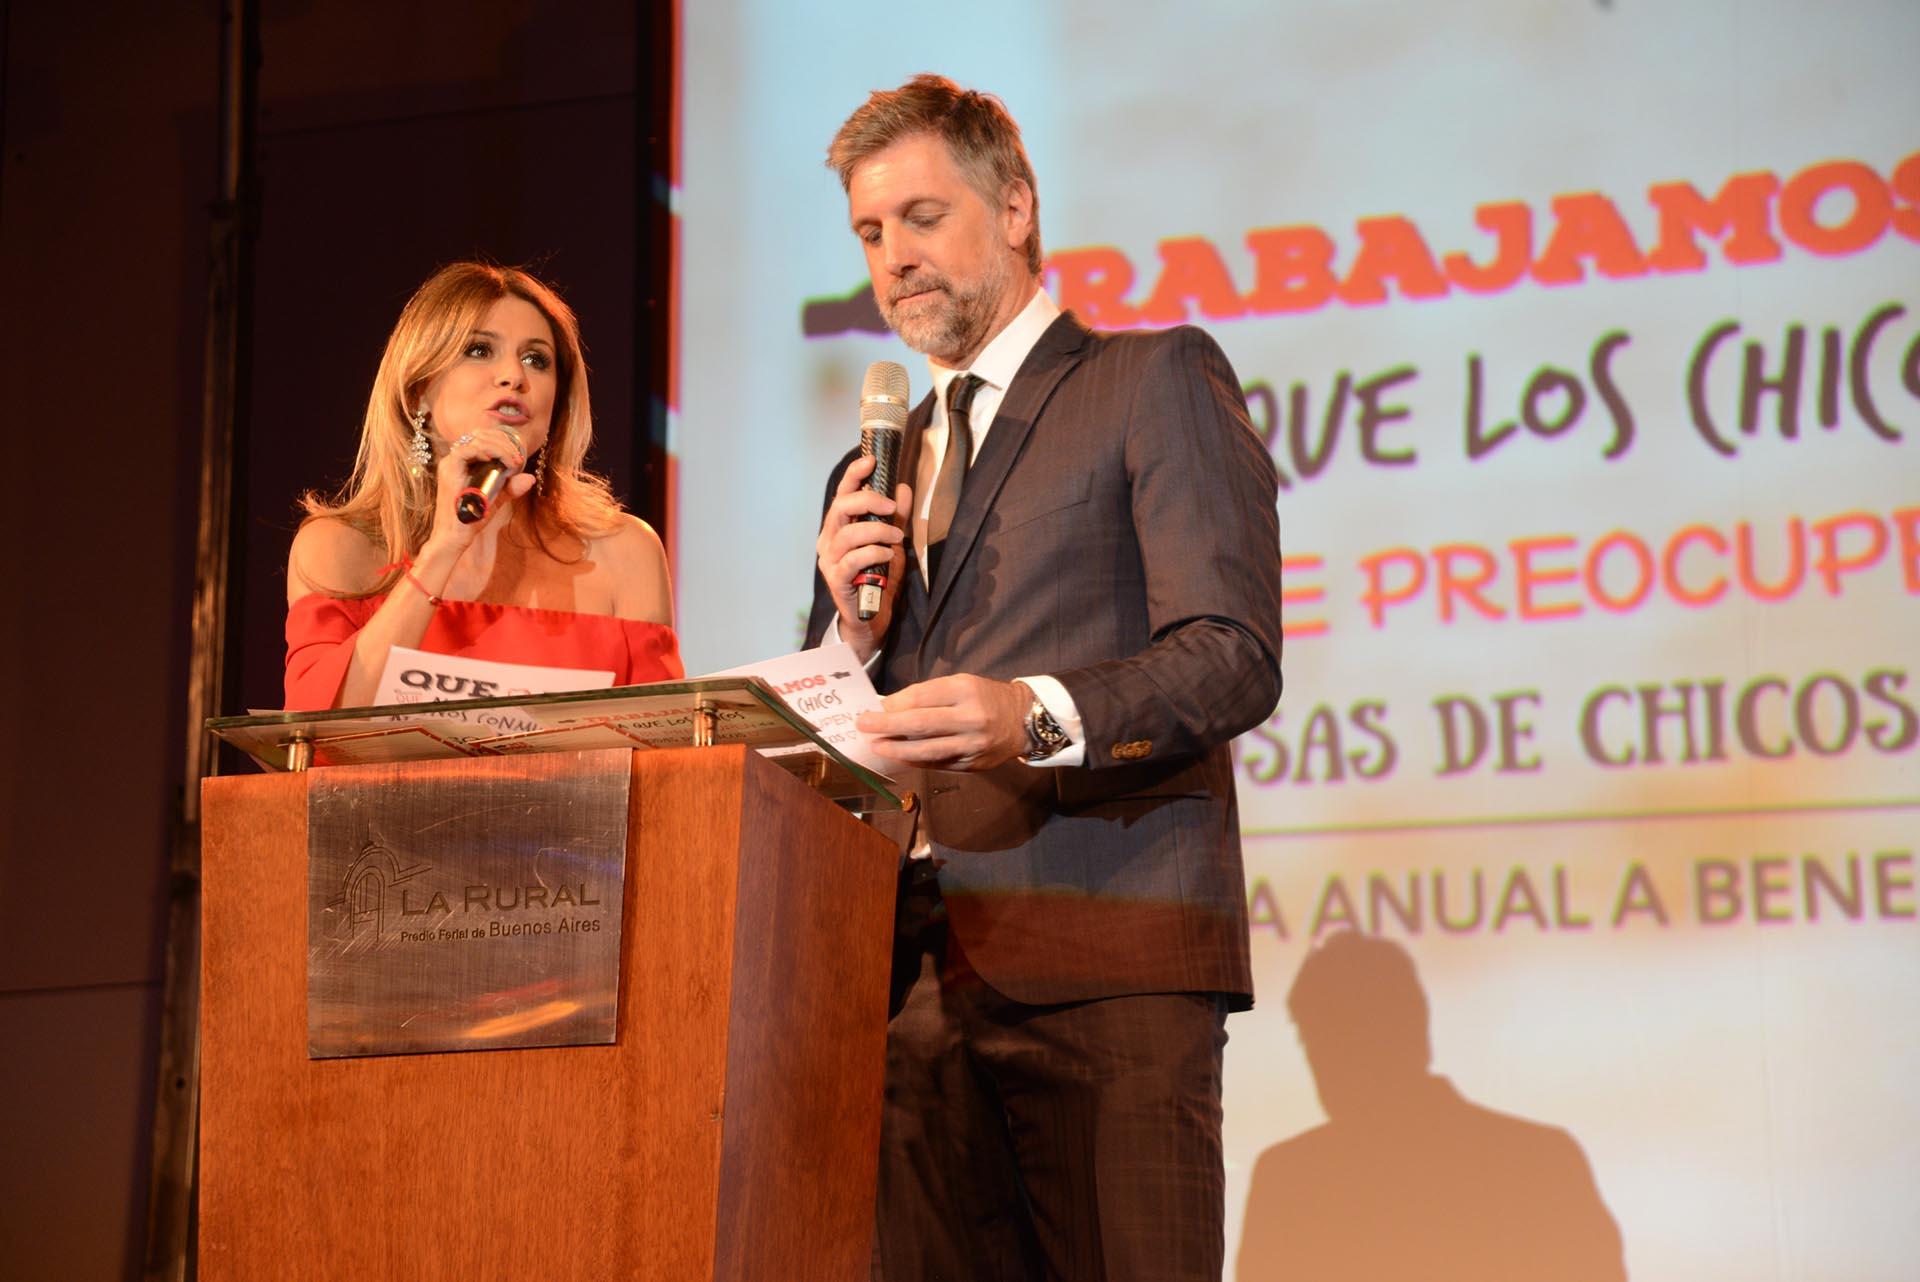 Flavia Palmiero y Horacio Cabak estuvieron a cargo de la conducción de la séptima Comida Anual de Haciendo Camino